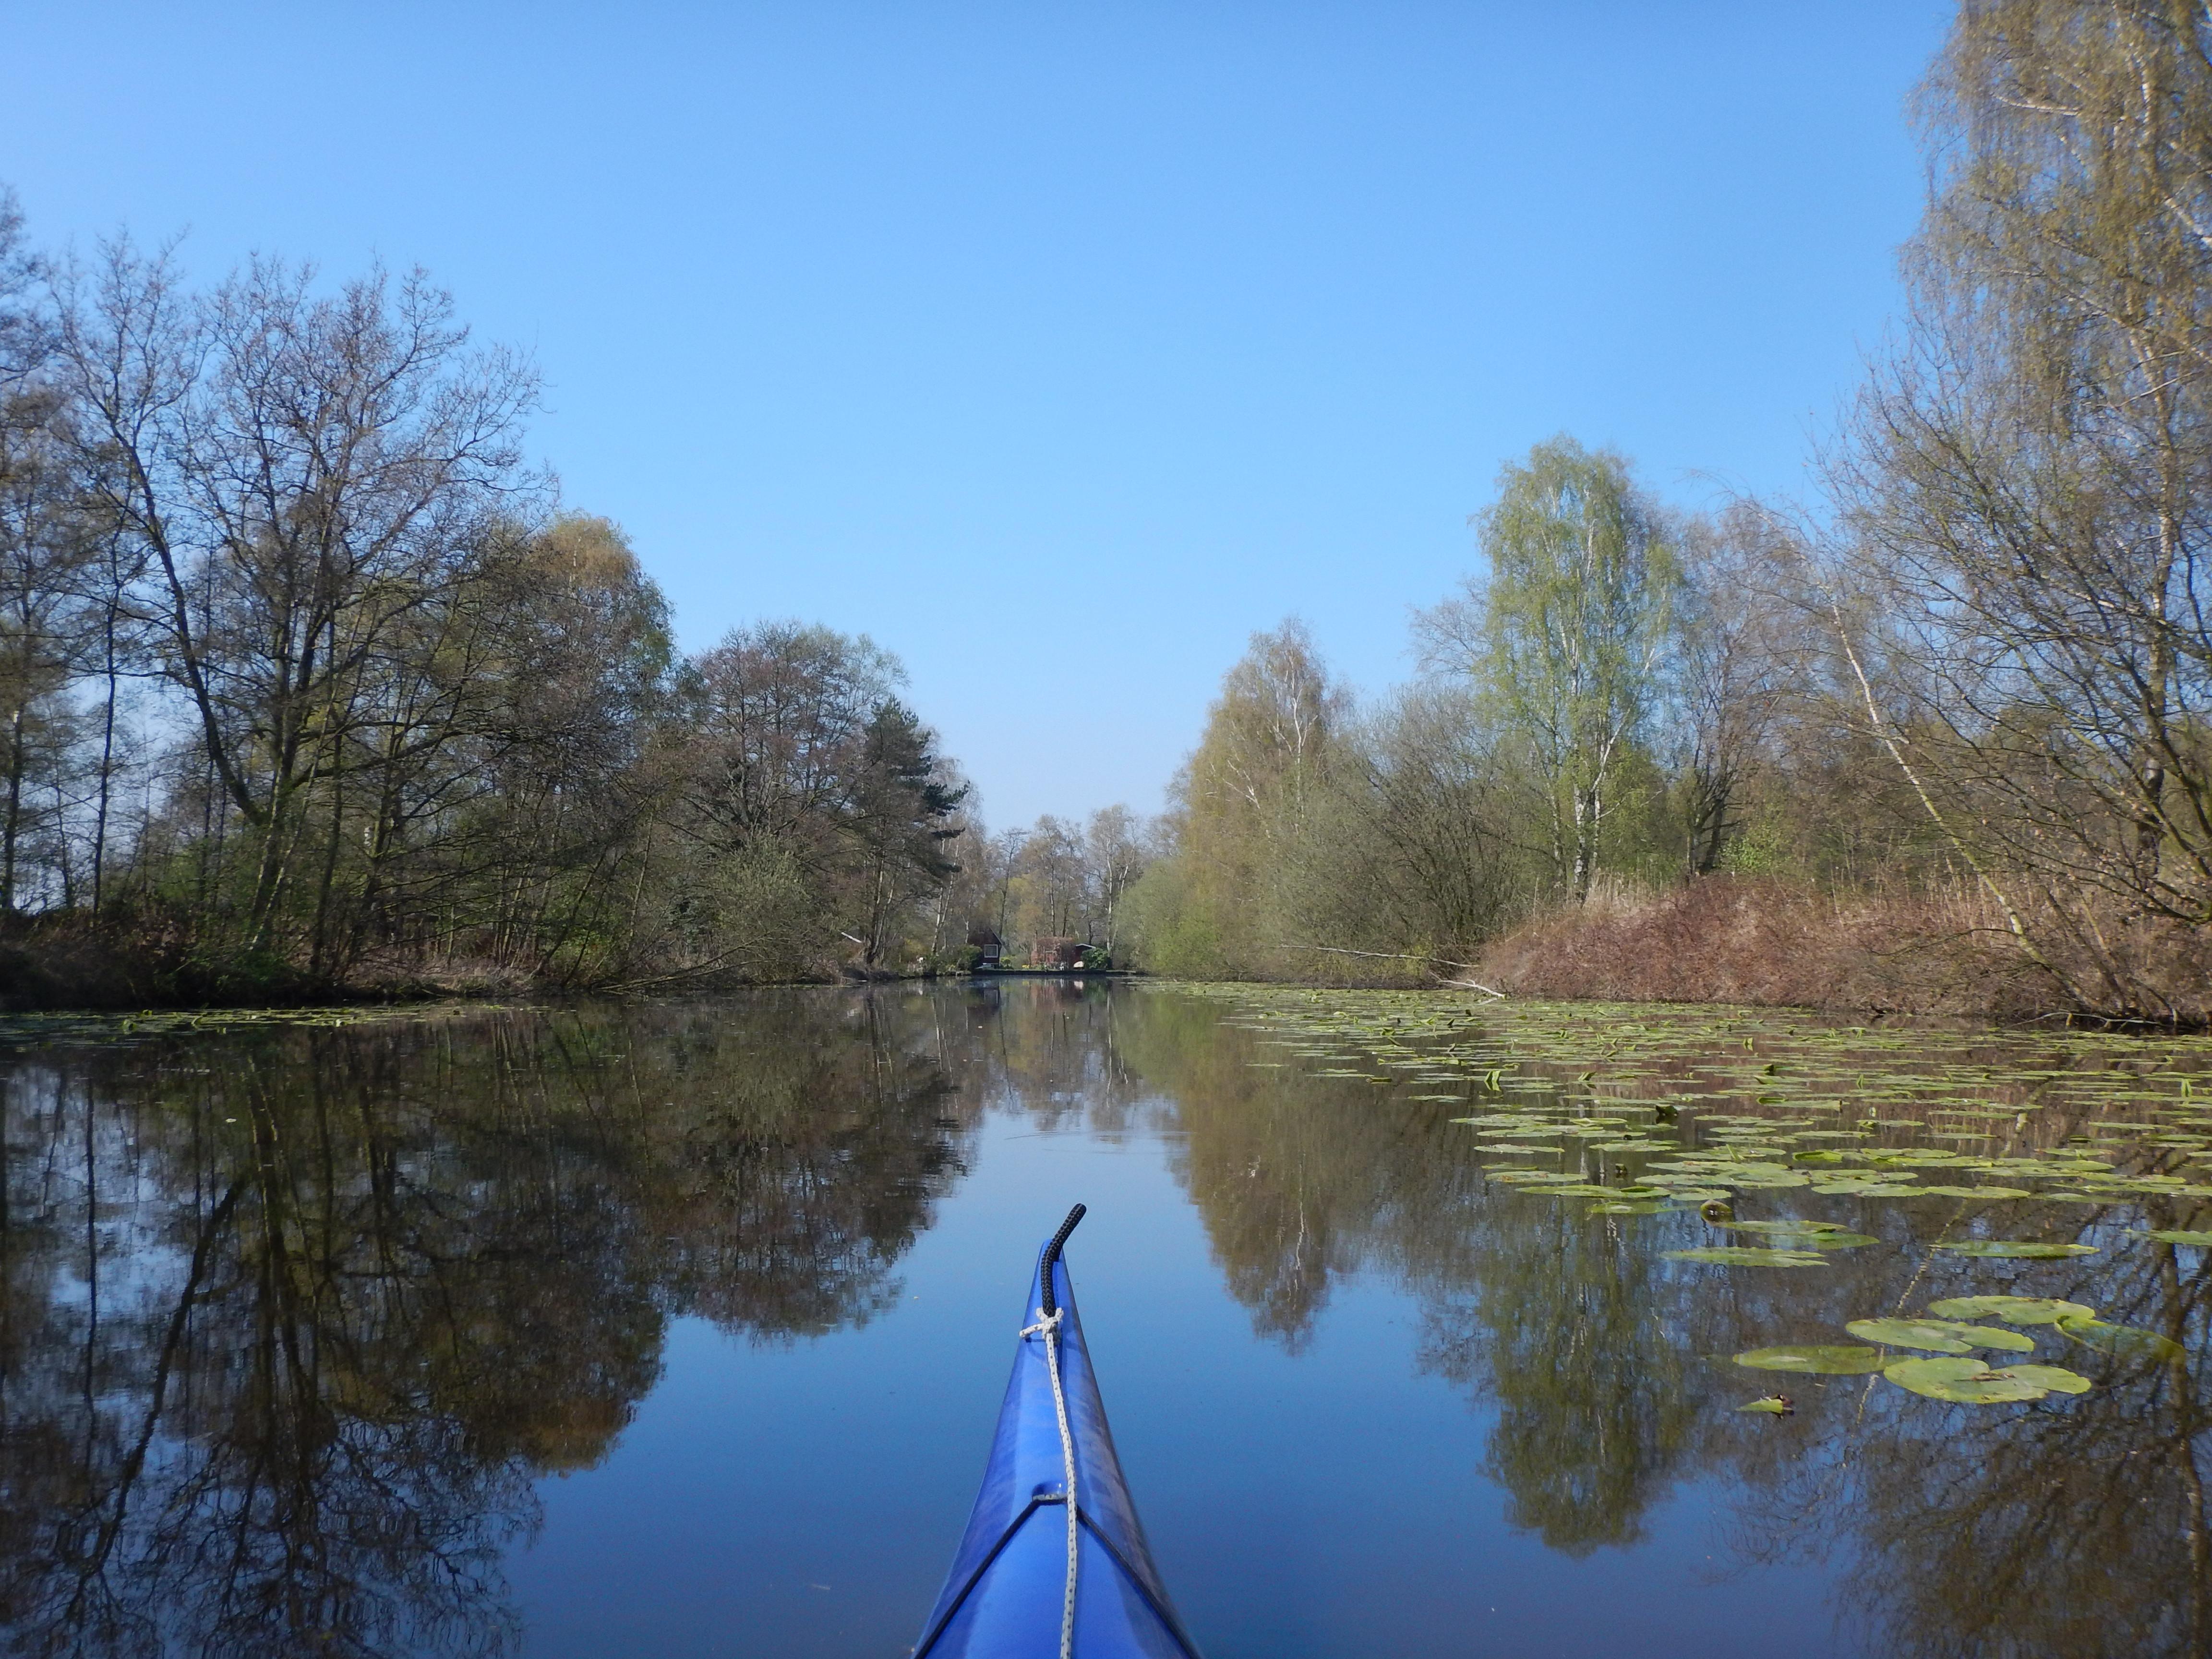 Vom Findorffer Torfkanal aus kann man zu einer Kanutour durch das idyllische Blockland aufbrechen. (c) Insa Lohmann